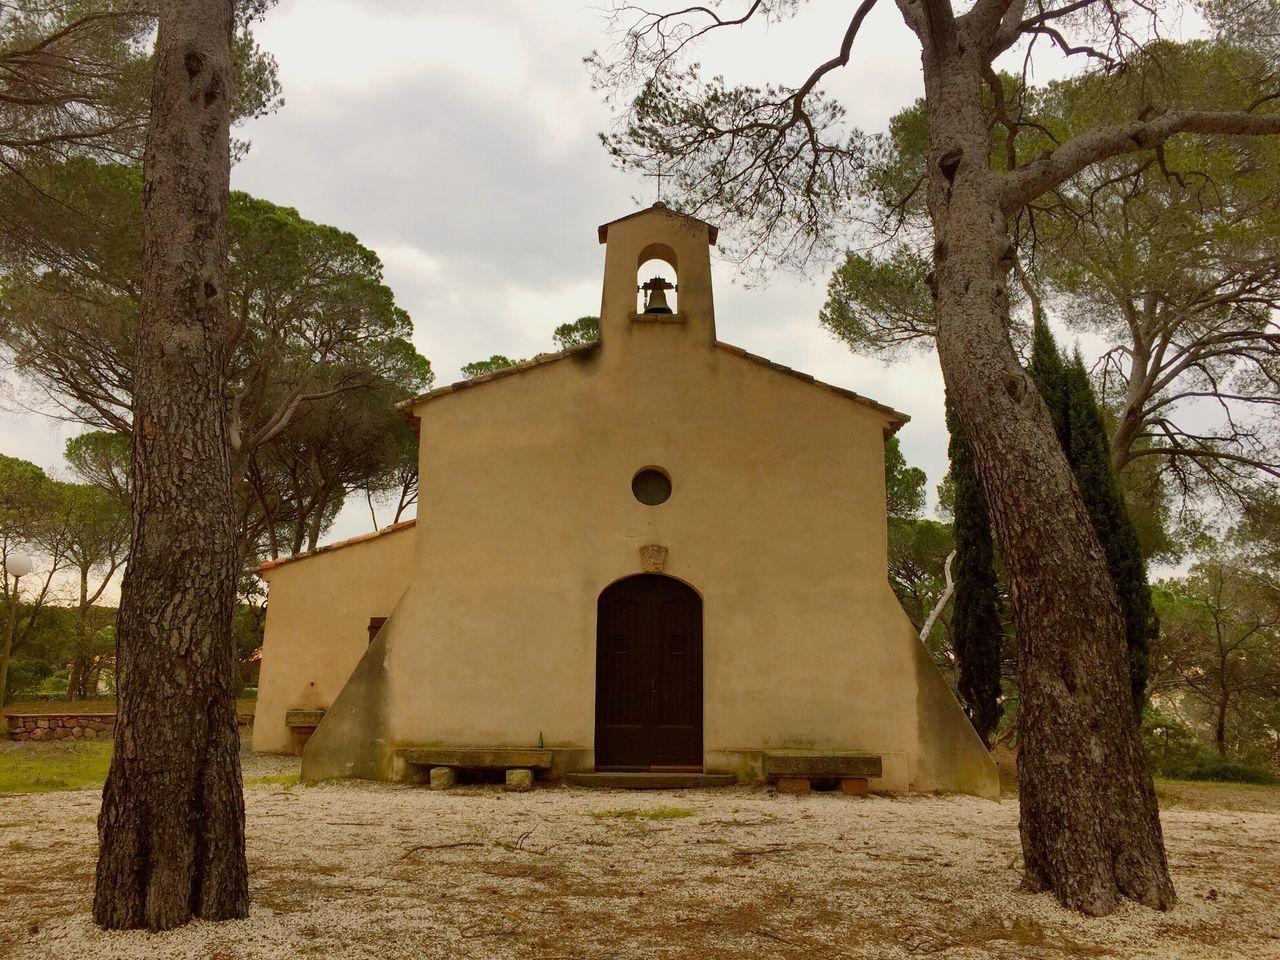 Chapelle Religion Architecture Spirituality Tree